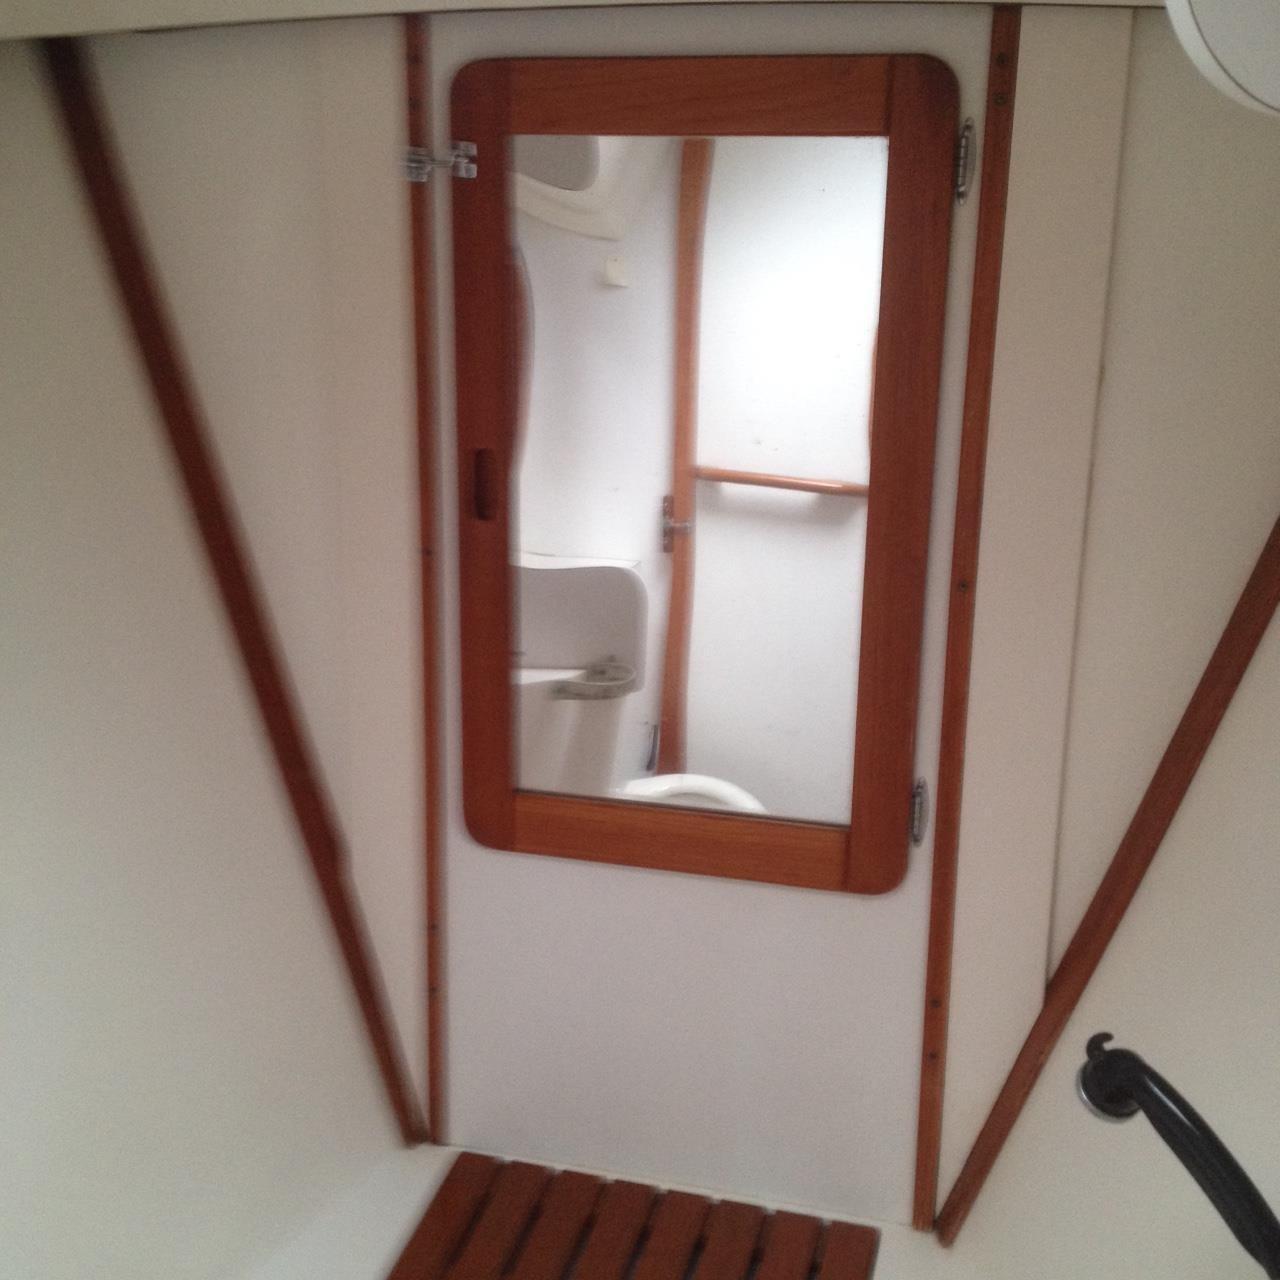 Shower Stall Storage